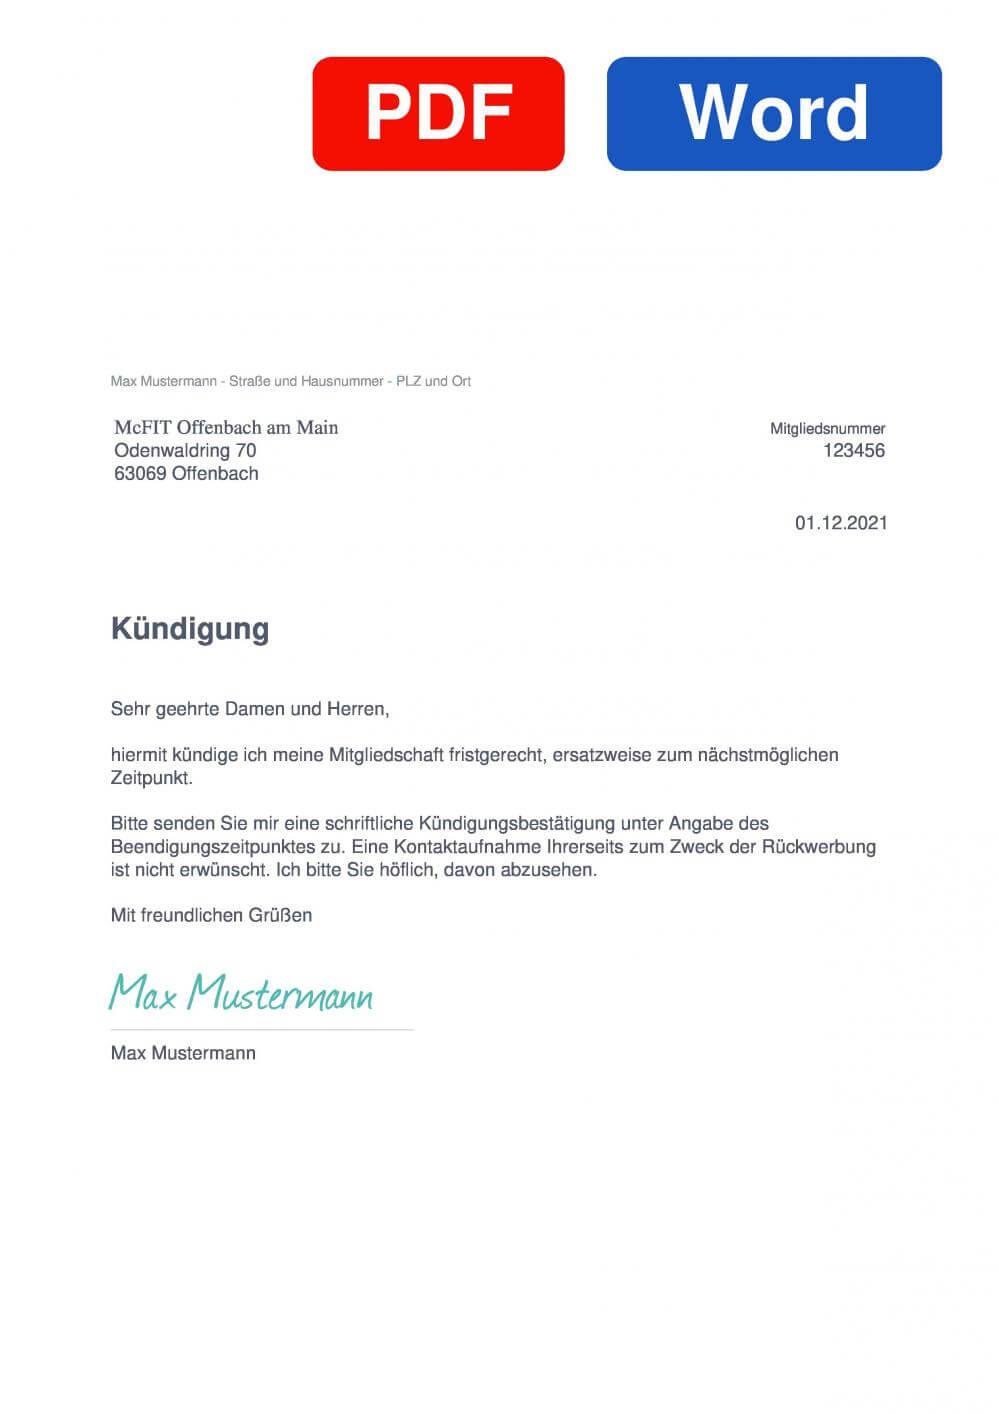 McFIT Offenbach am Main Muster Vorlage für Kündigungsschreiben